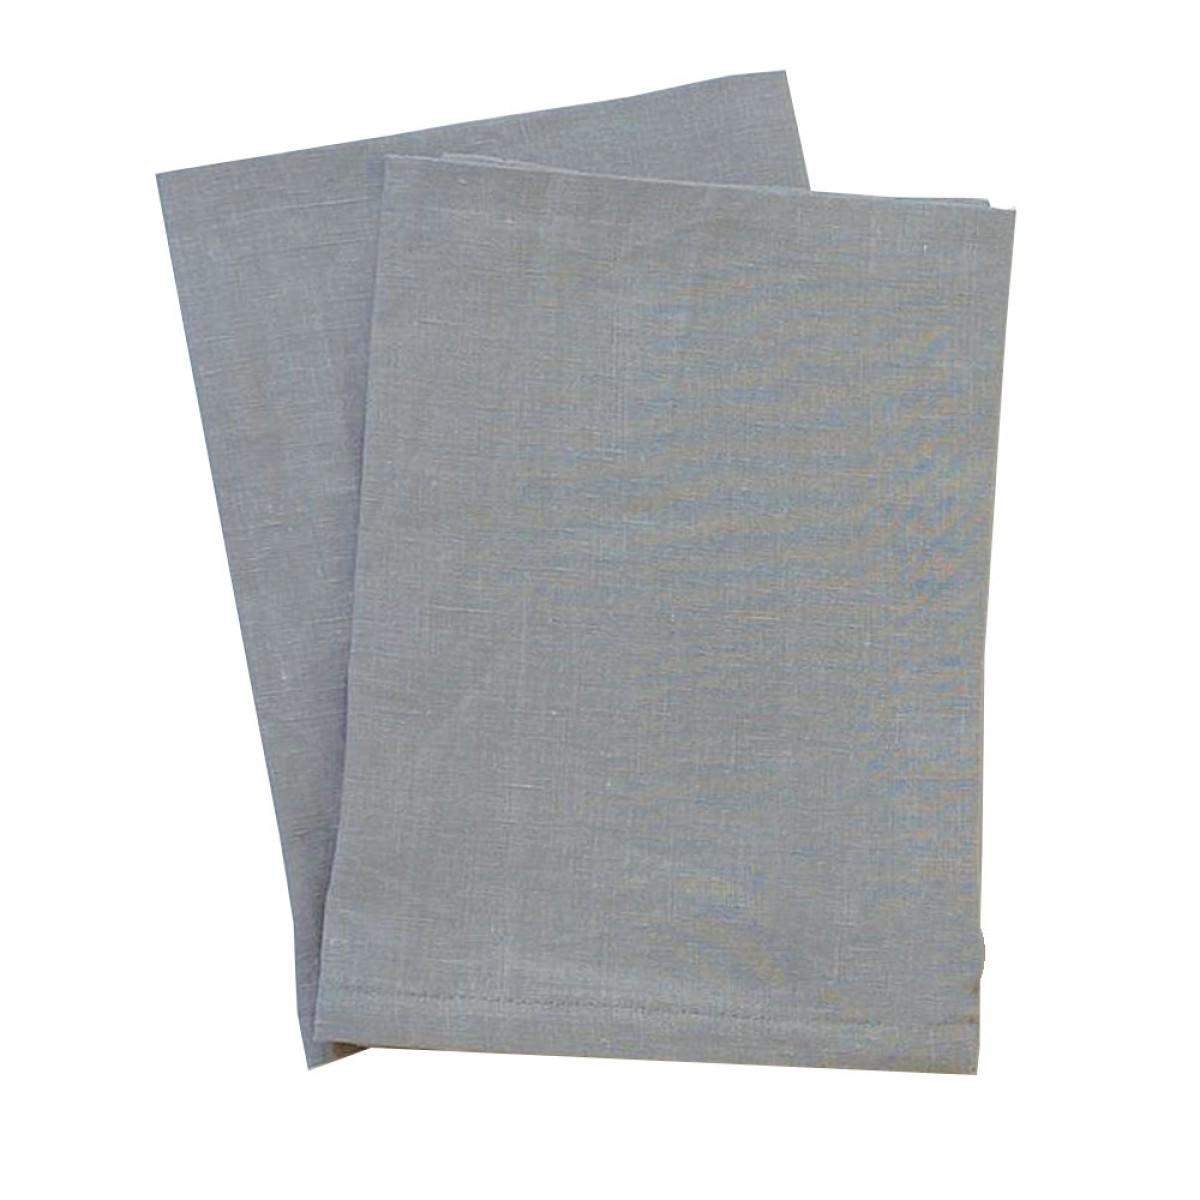 Linen Napkin - Steel Grey (Set of 6)